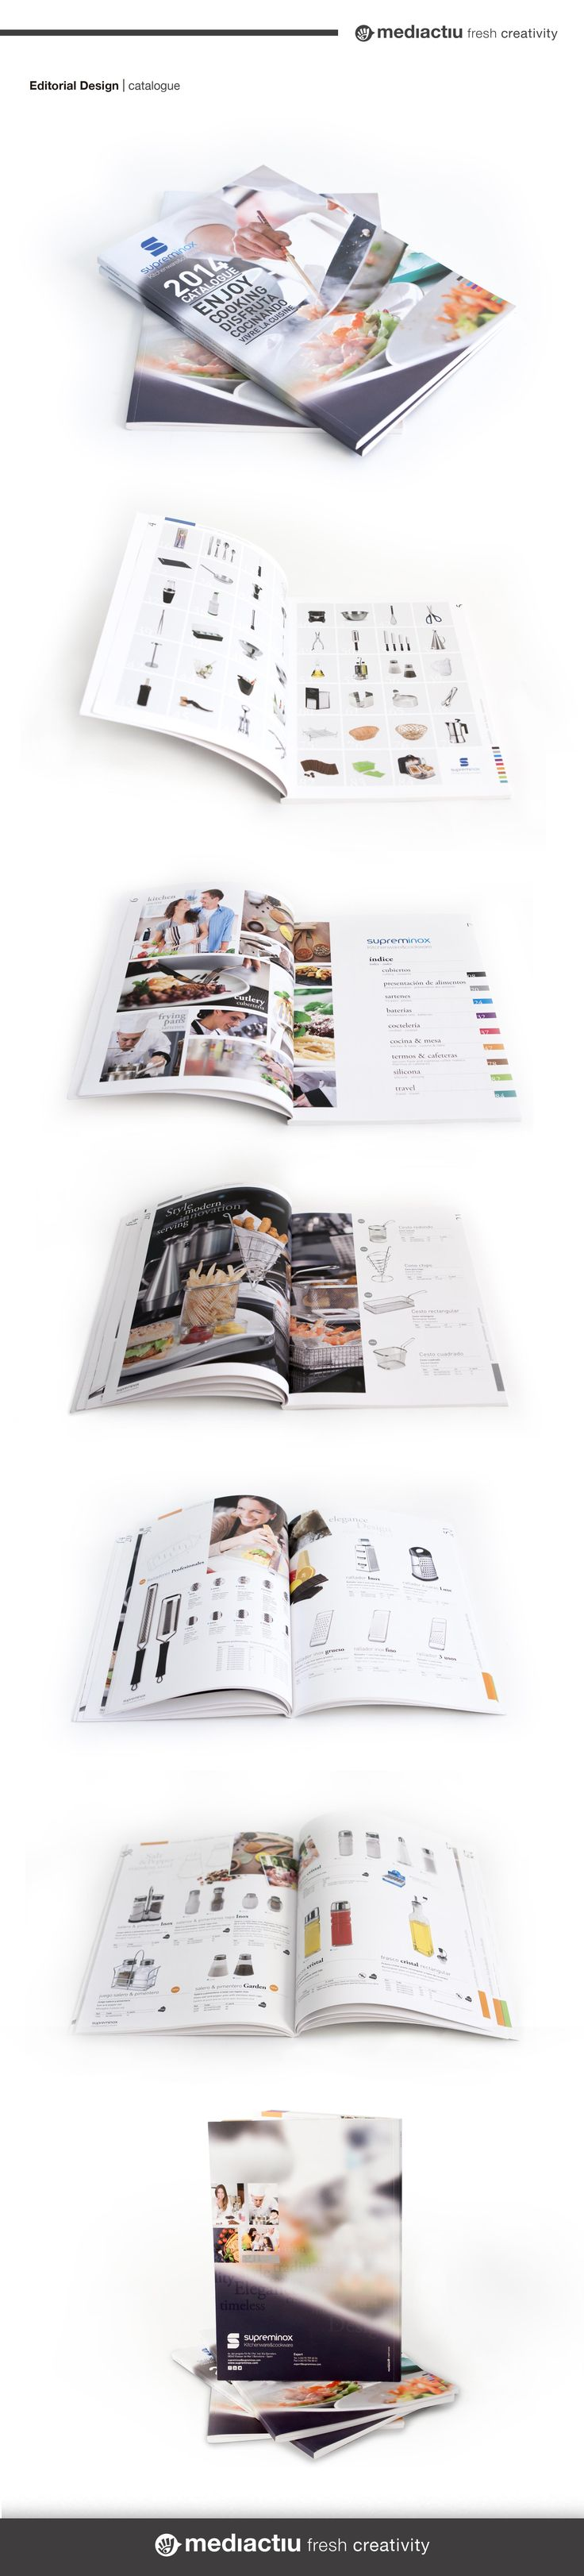 Diseño y maquetación del catálogo de productos de Supreminox. Diseño de portada y realización de algunas de las fotografías interiores. #editorialdesign #catalogue #editorial #photography #maquetacion #layout #portada #barniz